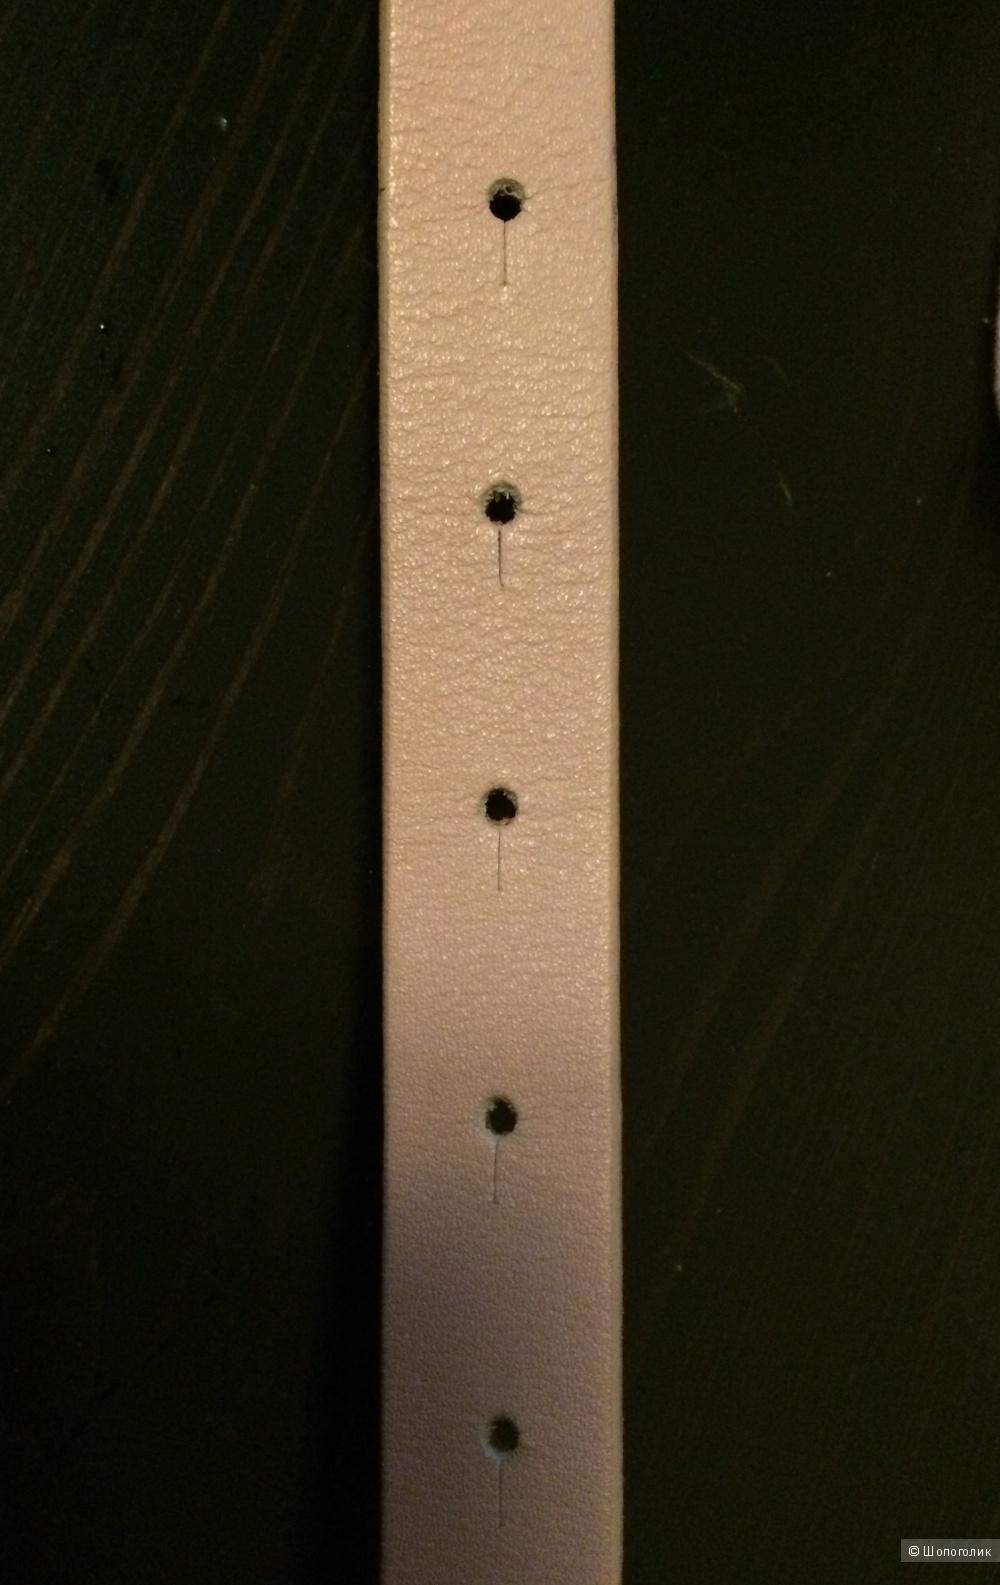 Новый кожаный ремень Furla, цвет нюд, размер S, оригинал